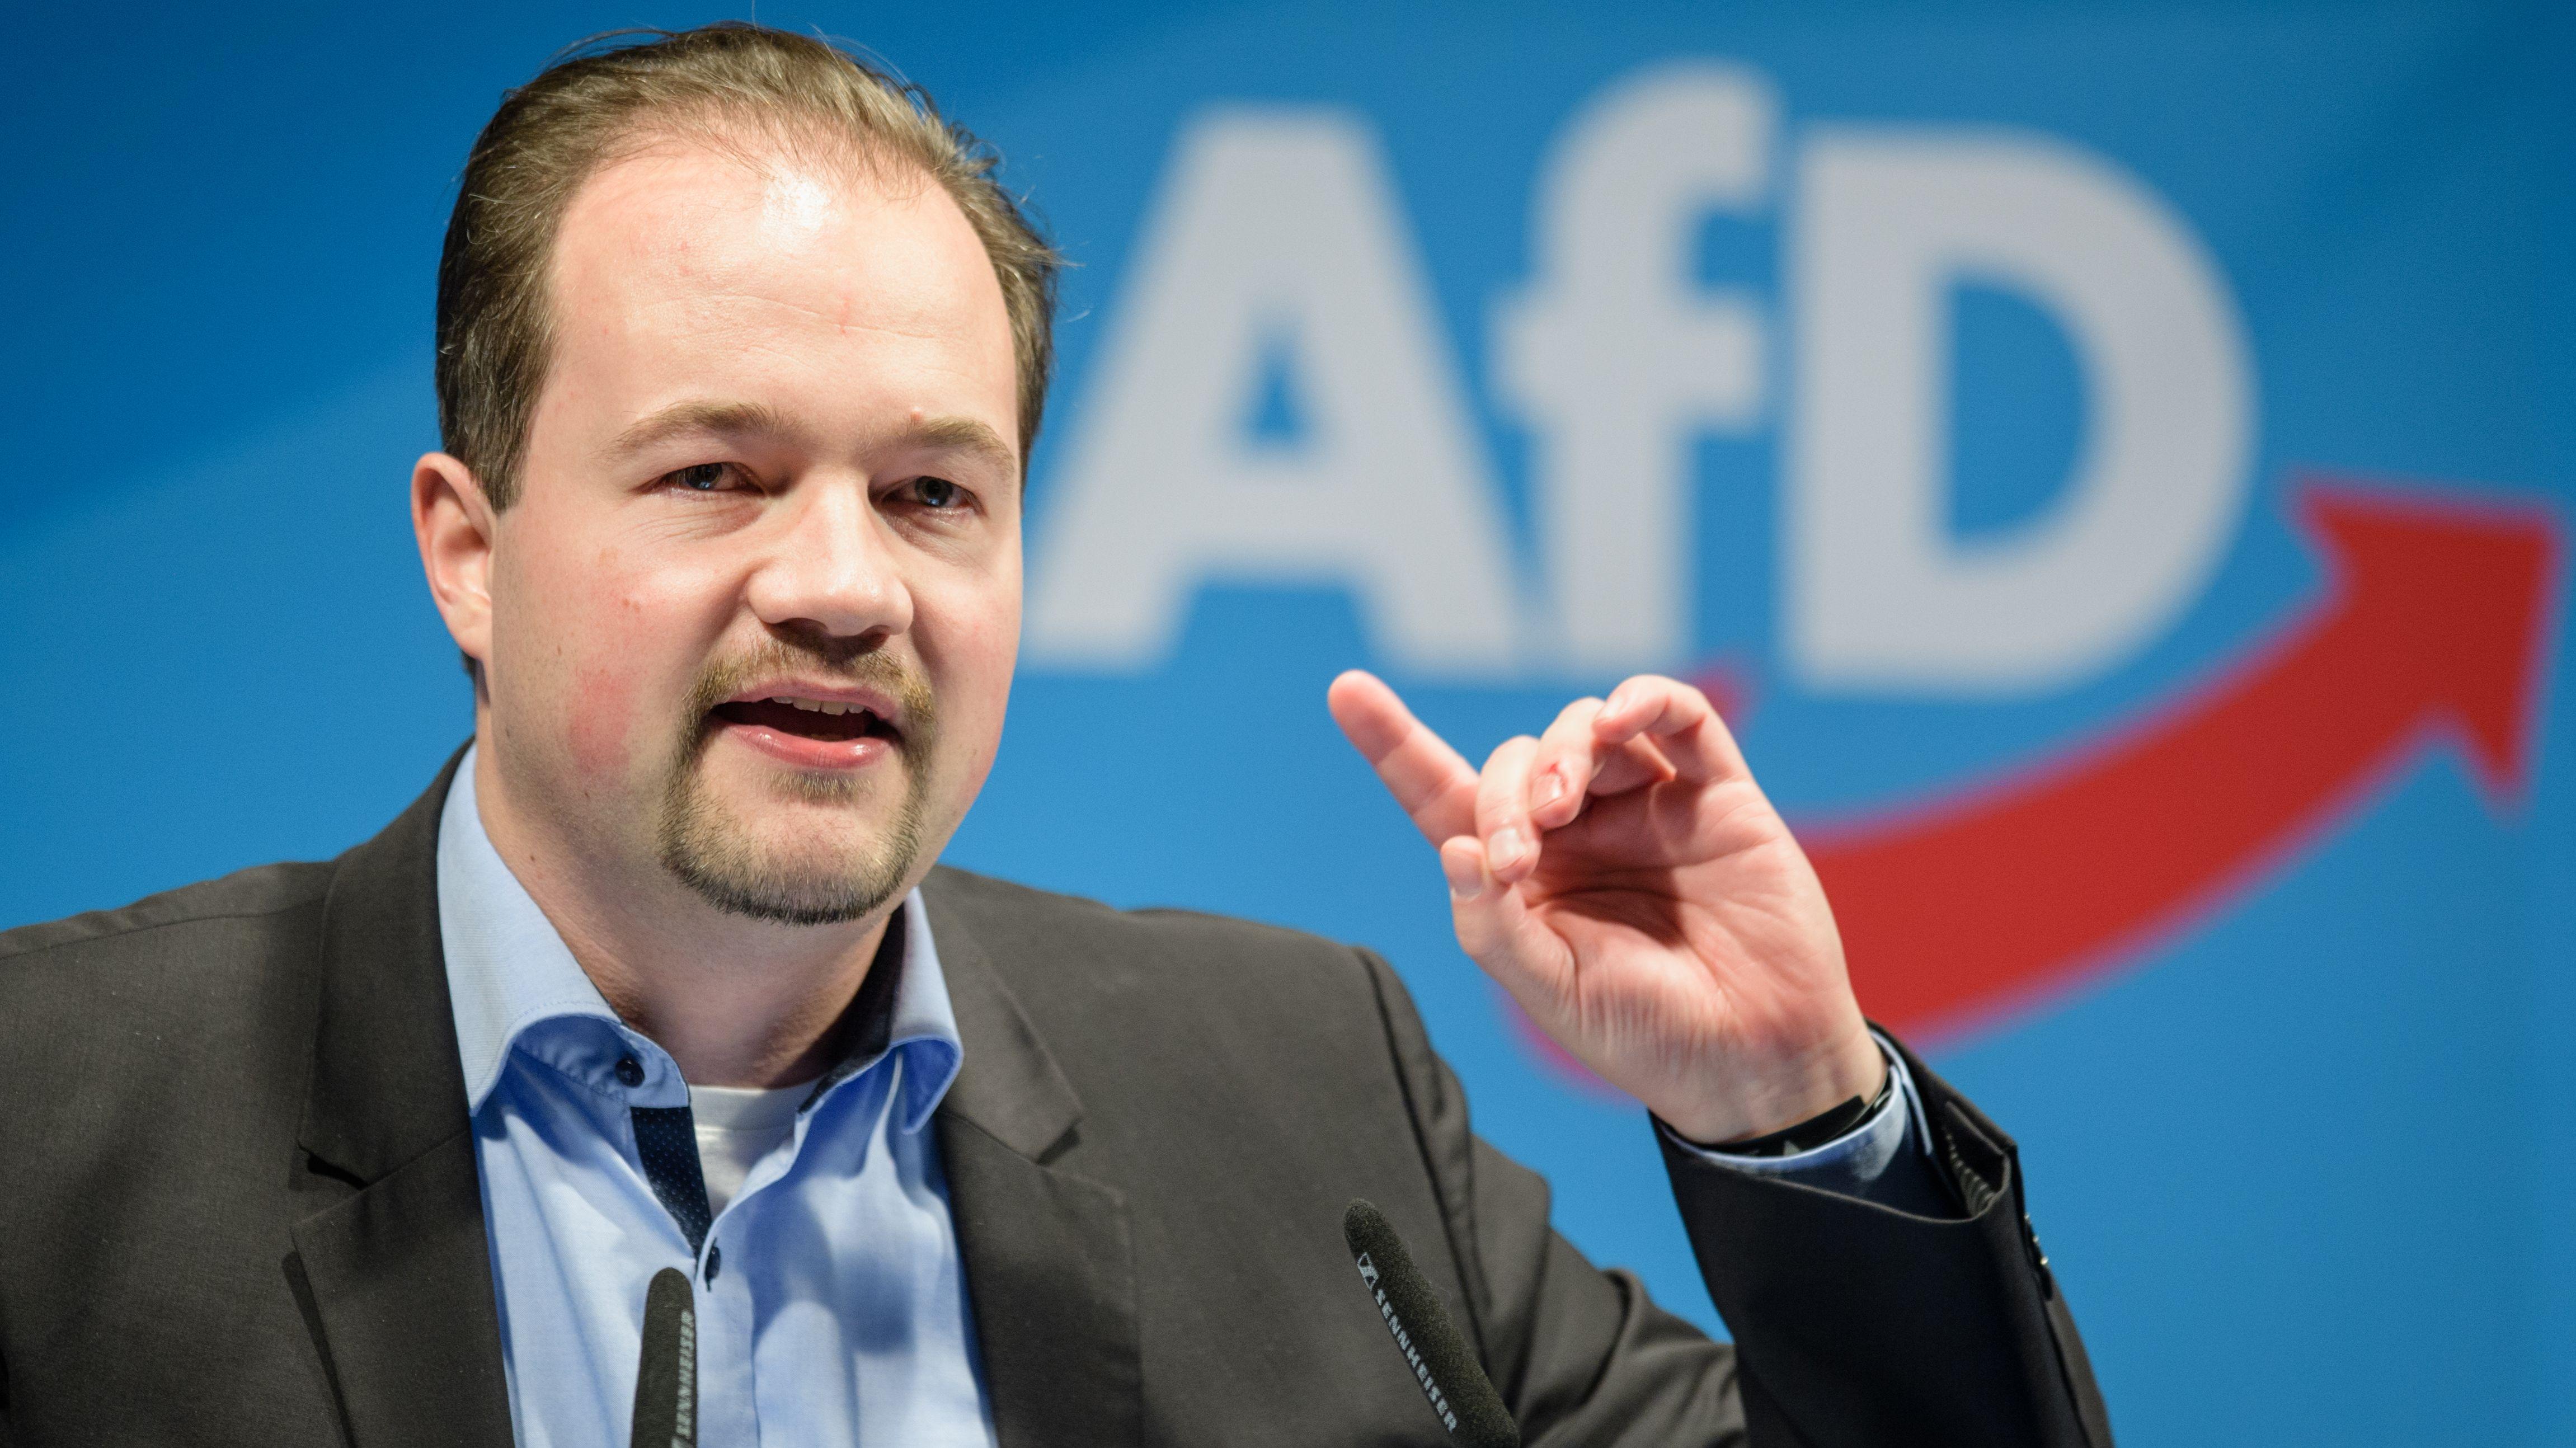 AfD-Landeschef Martin Sichert beim Politischen Aschermittwoch am 6. März 2019 in Osterhofen